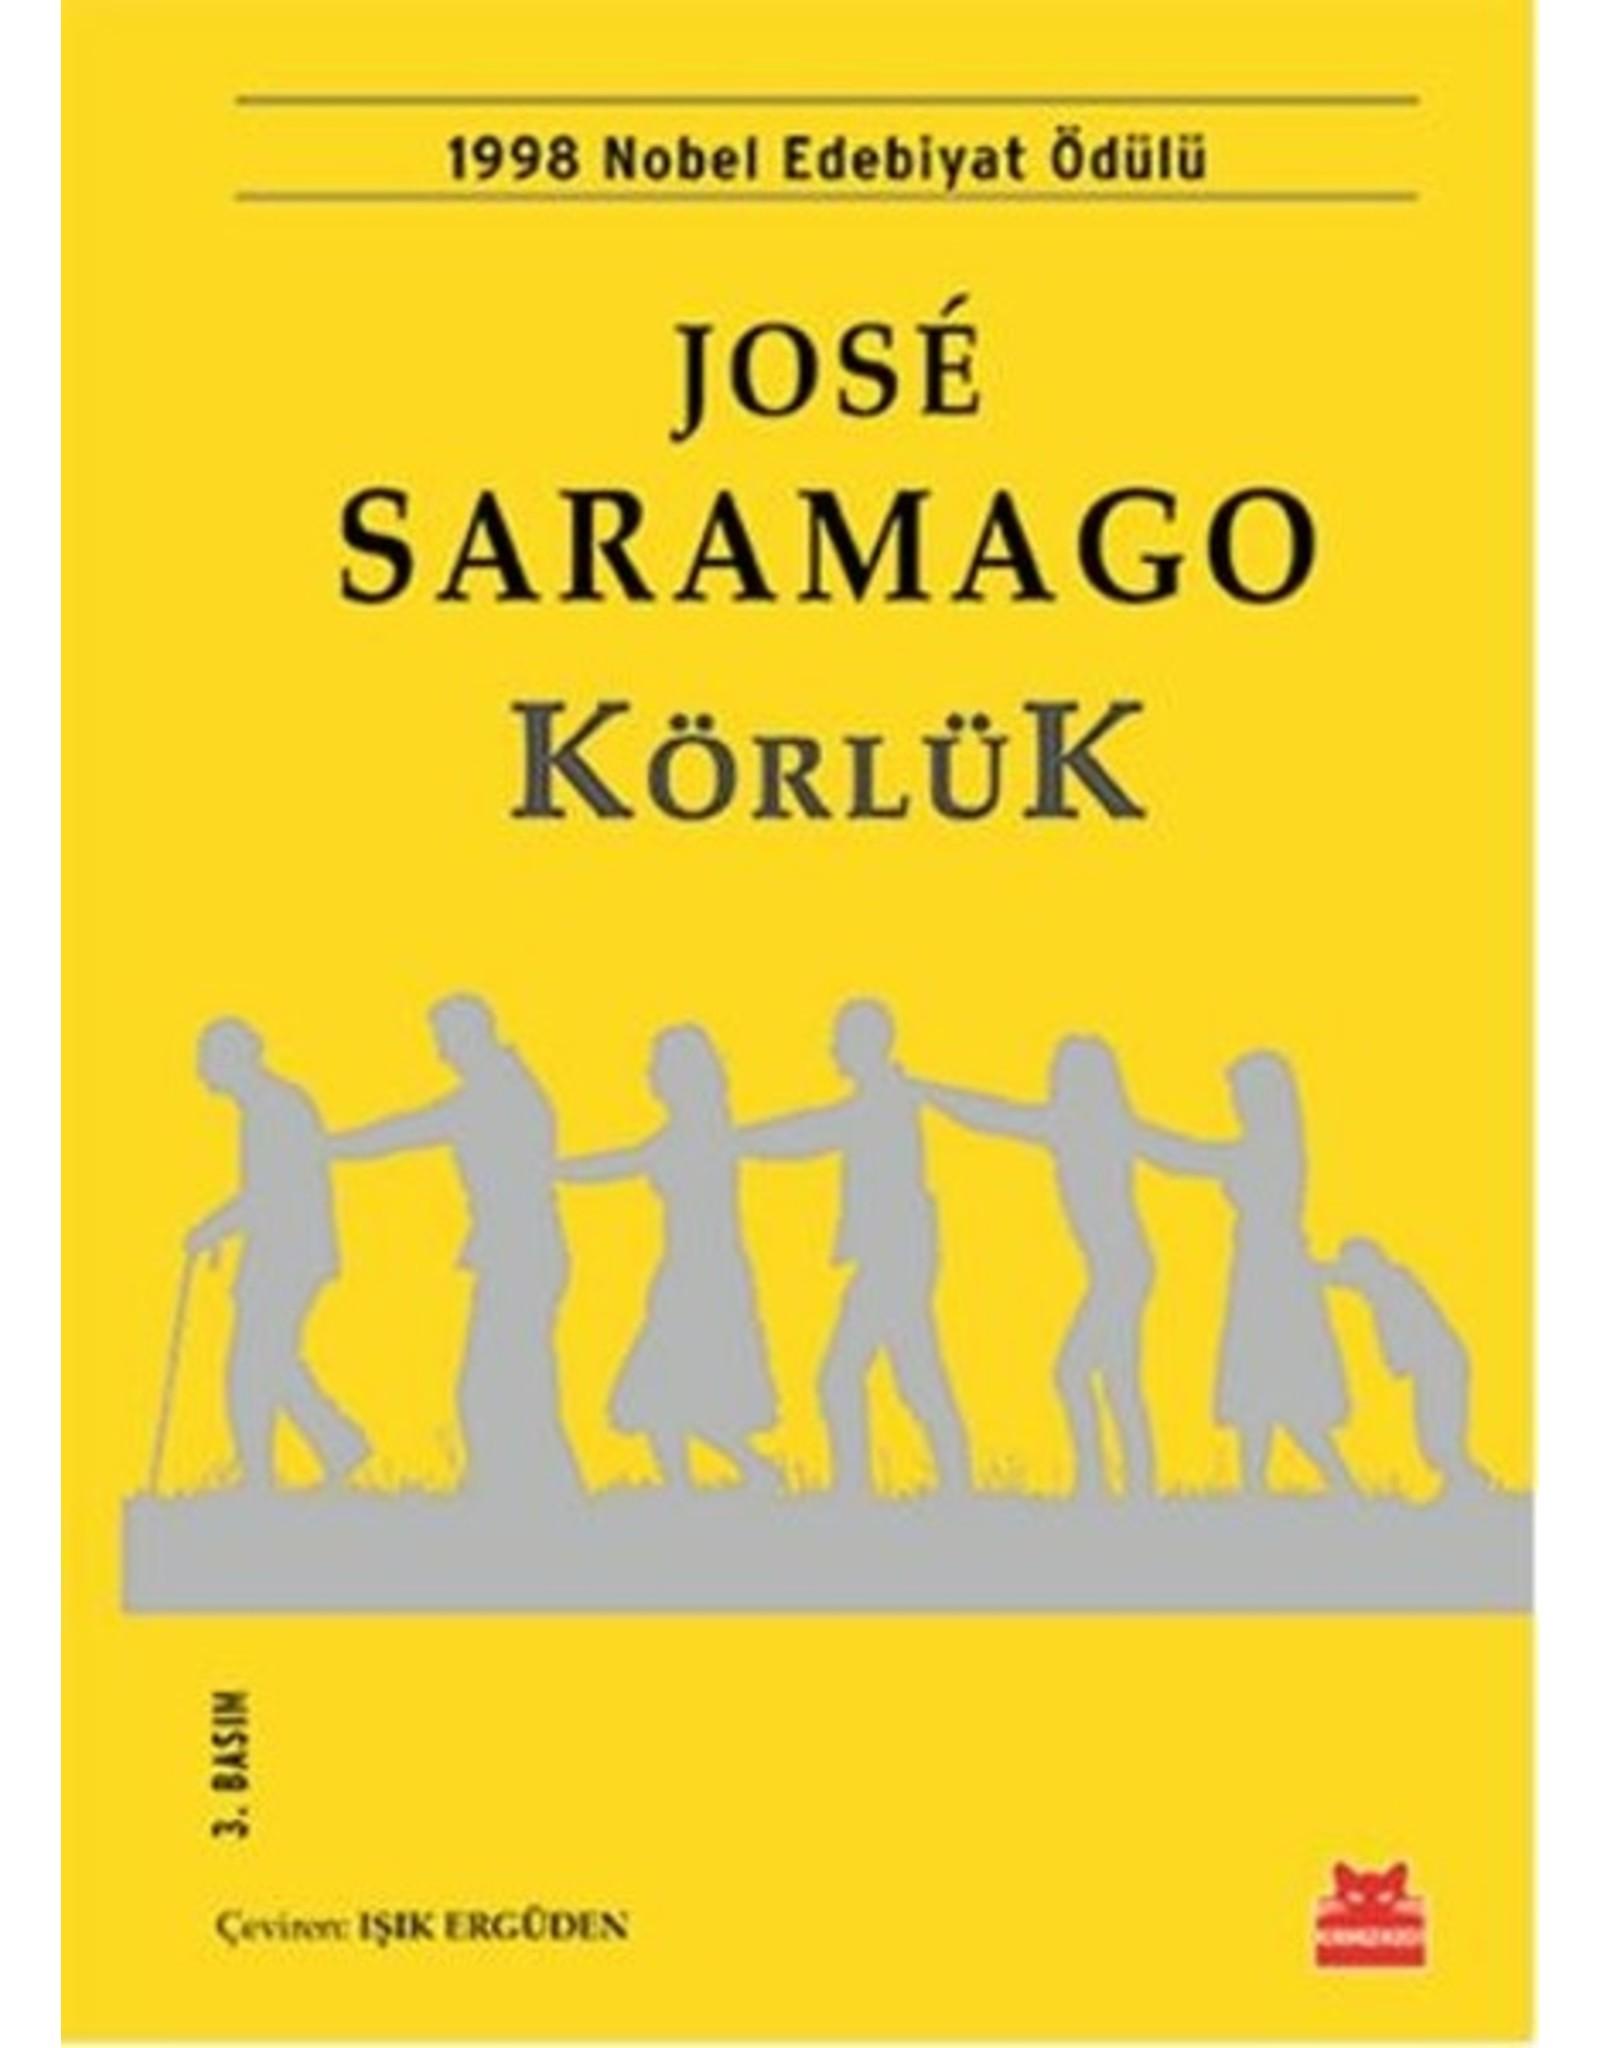 Jose Saramago Körlük